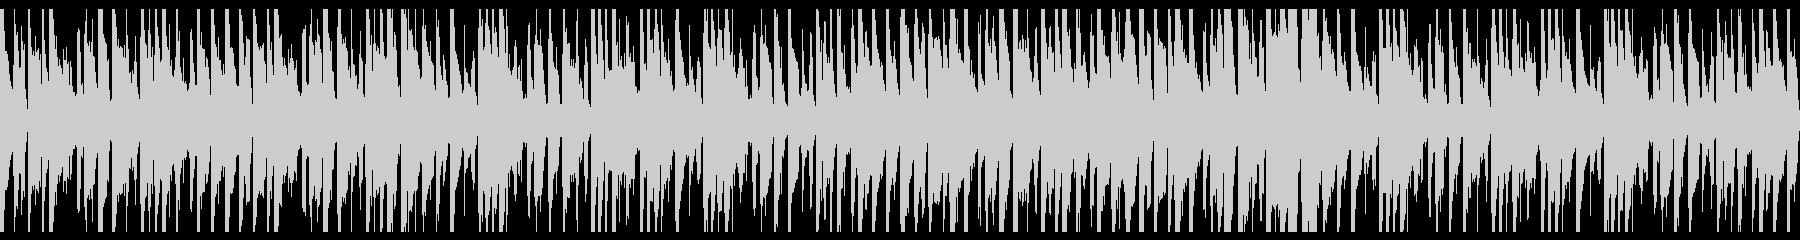 マリンバとピアノでお洒落なラテンダンスの未再生の波形